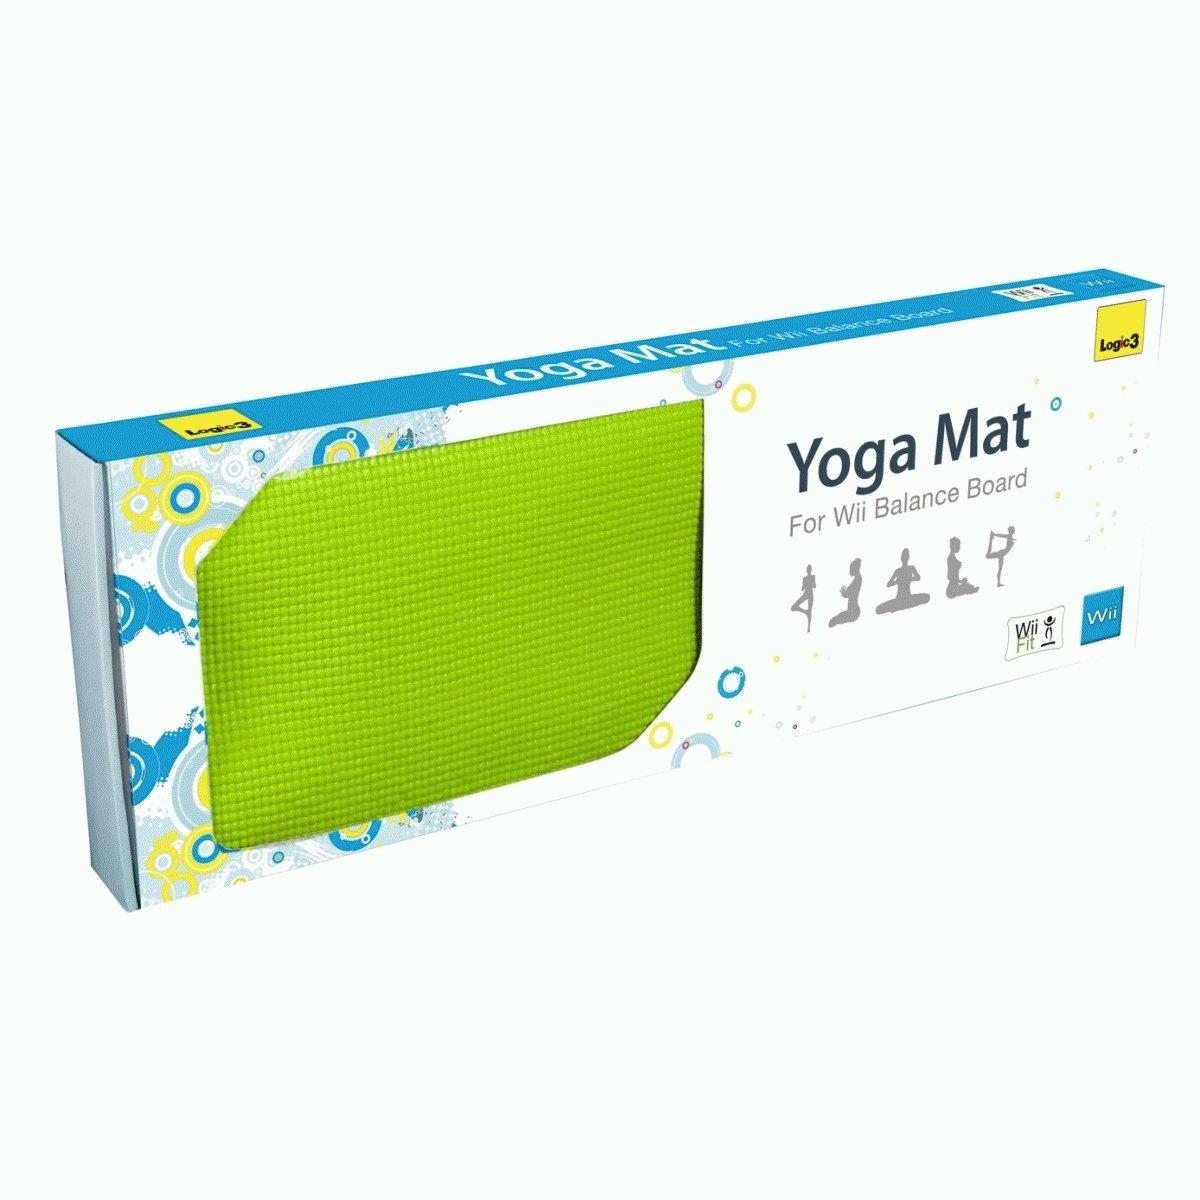 Logic3 Yoga Mat for Wii Balance Board - accesorios de juegos ...